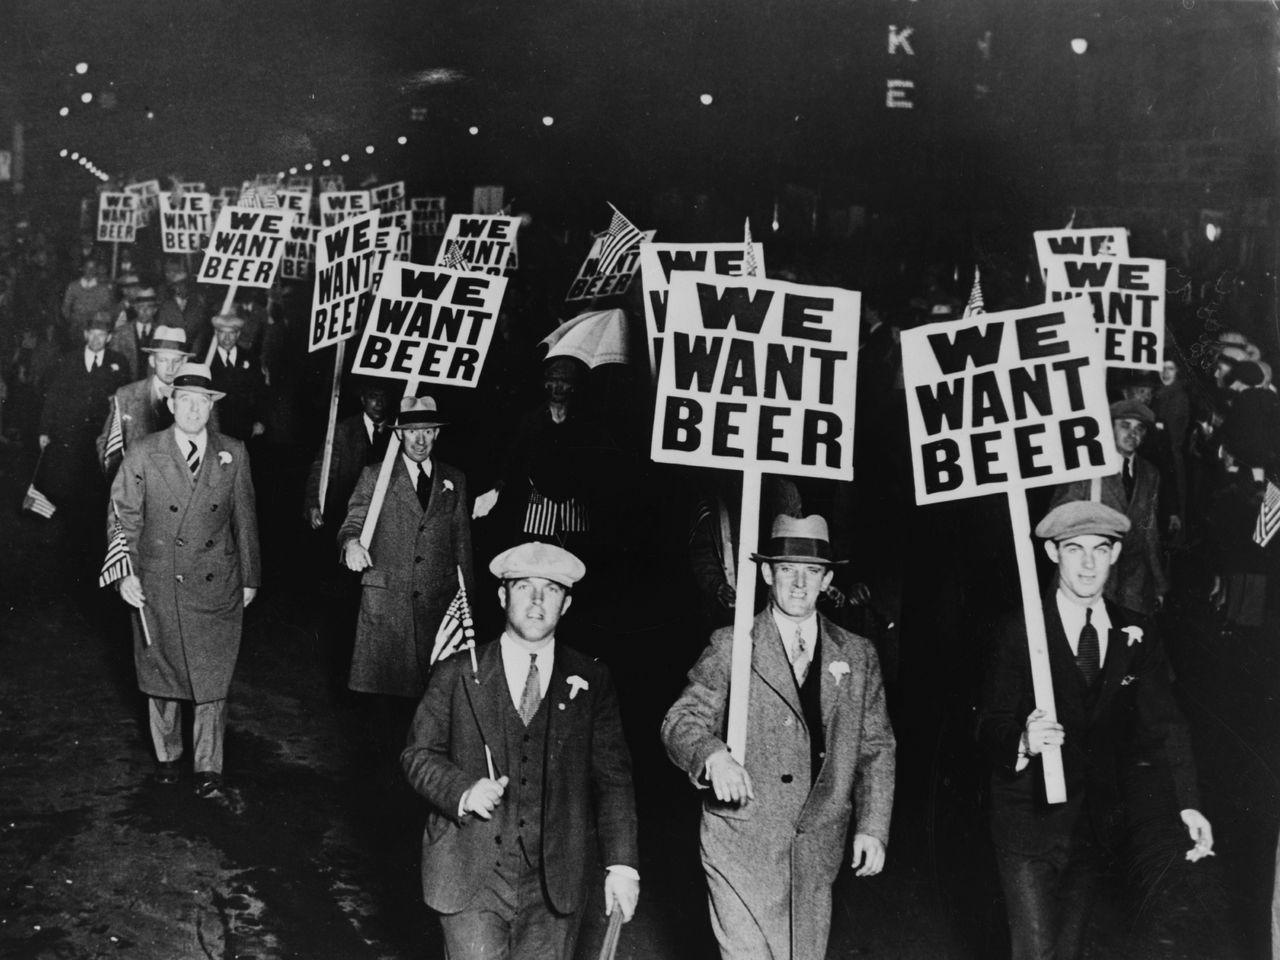 Các thành viên công đoàn diễu hành qua Phố Broad mang theo biển hiệu Chúng tôi muốn có bia để phản đối lệnh cấm, Newark New Jersey, 31/10/1931. Ảnh: Photoquest